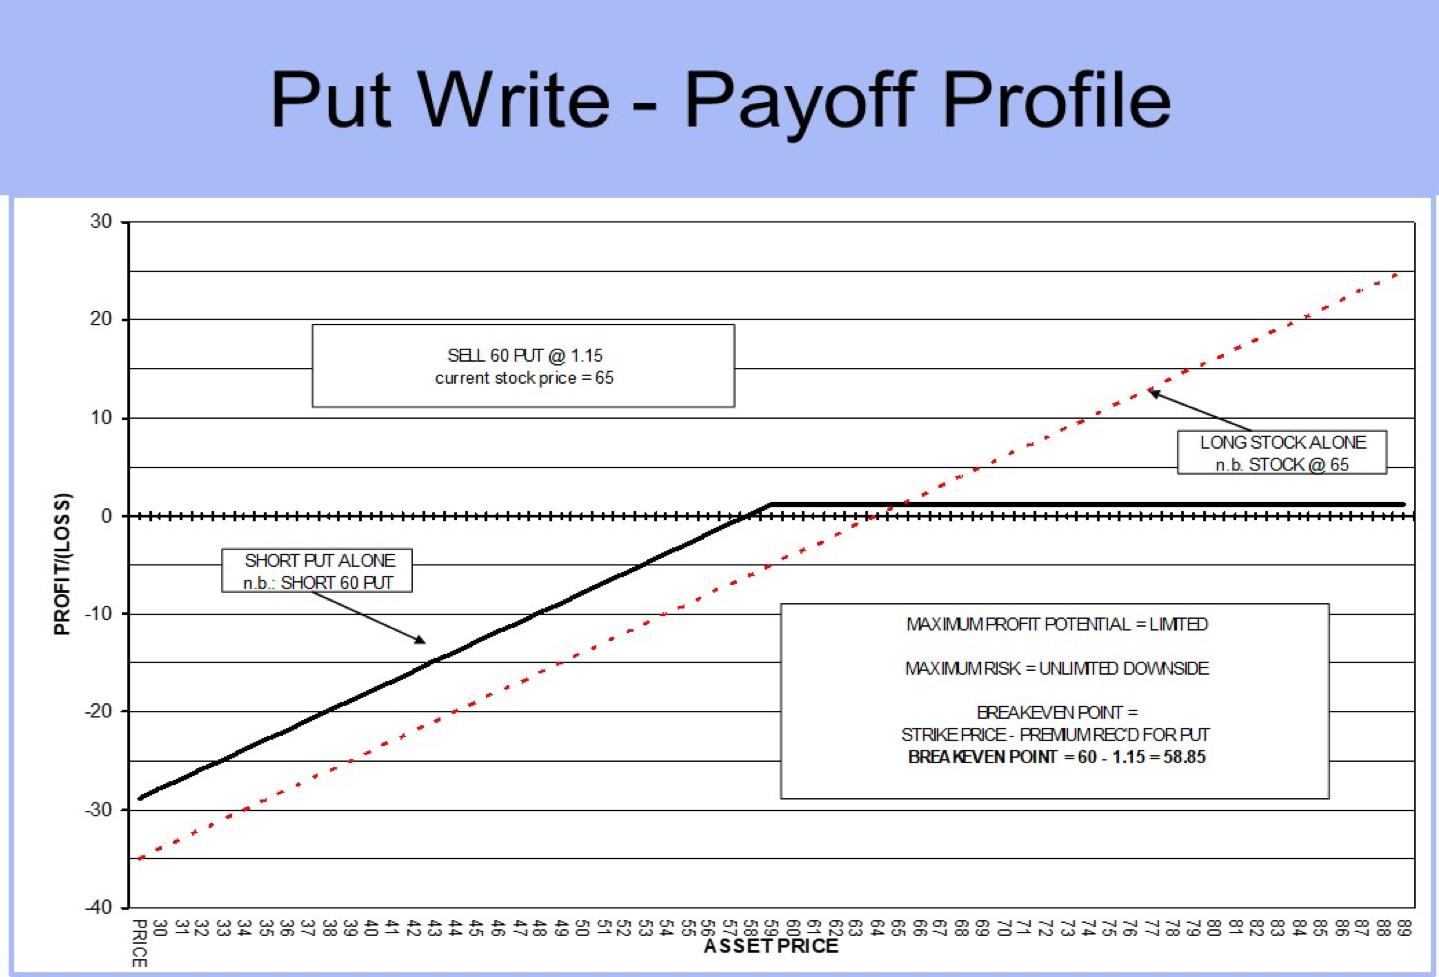 PUT WRITE Payoff Profile